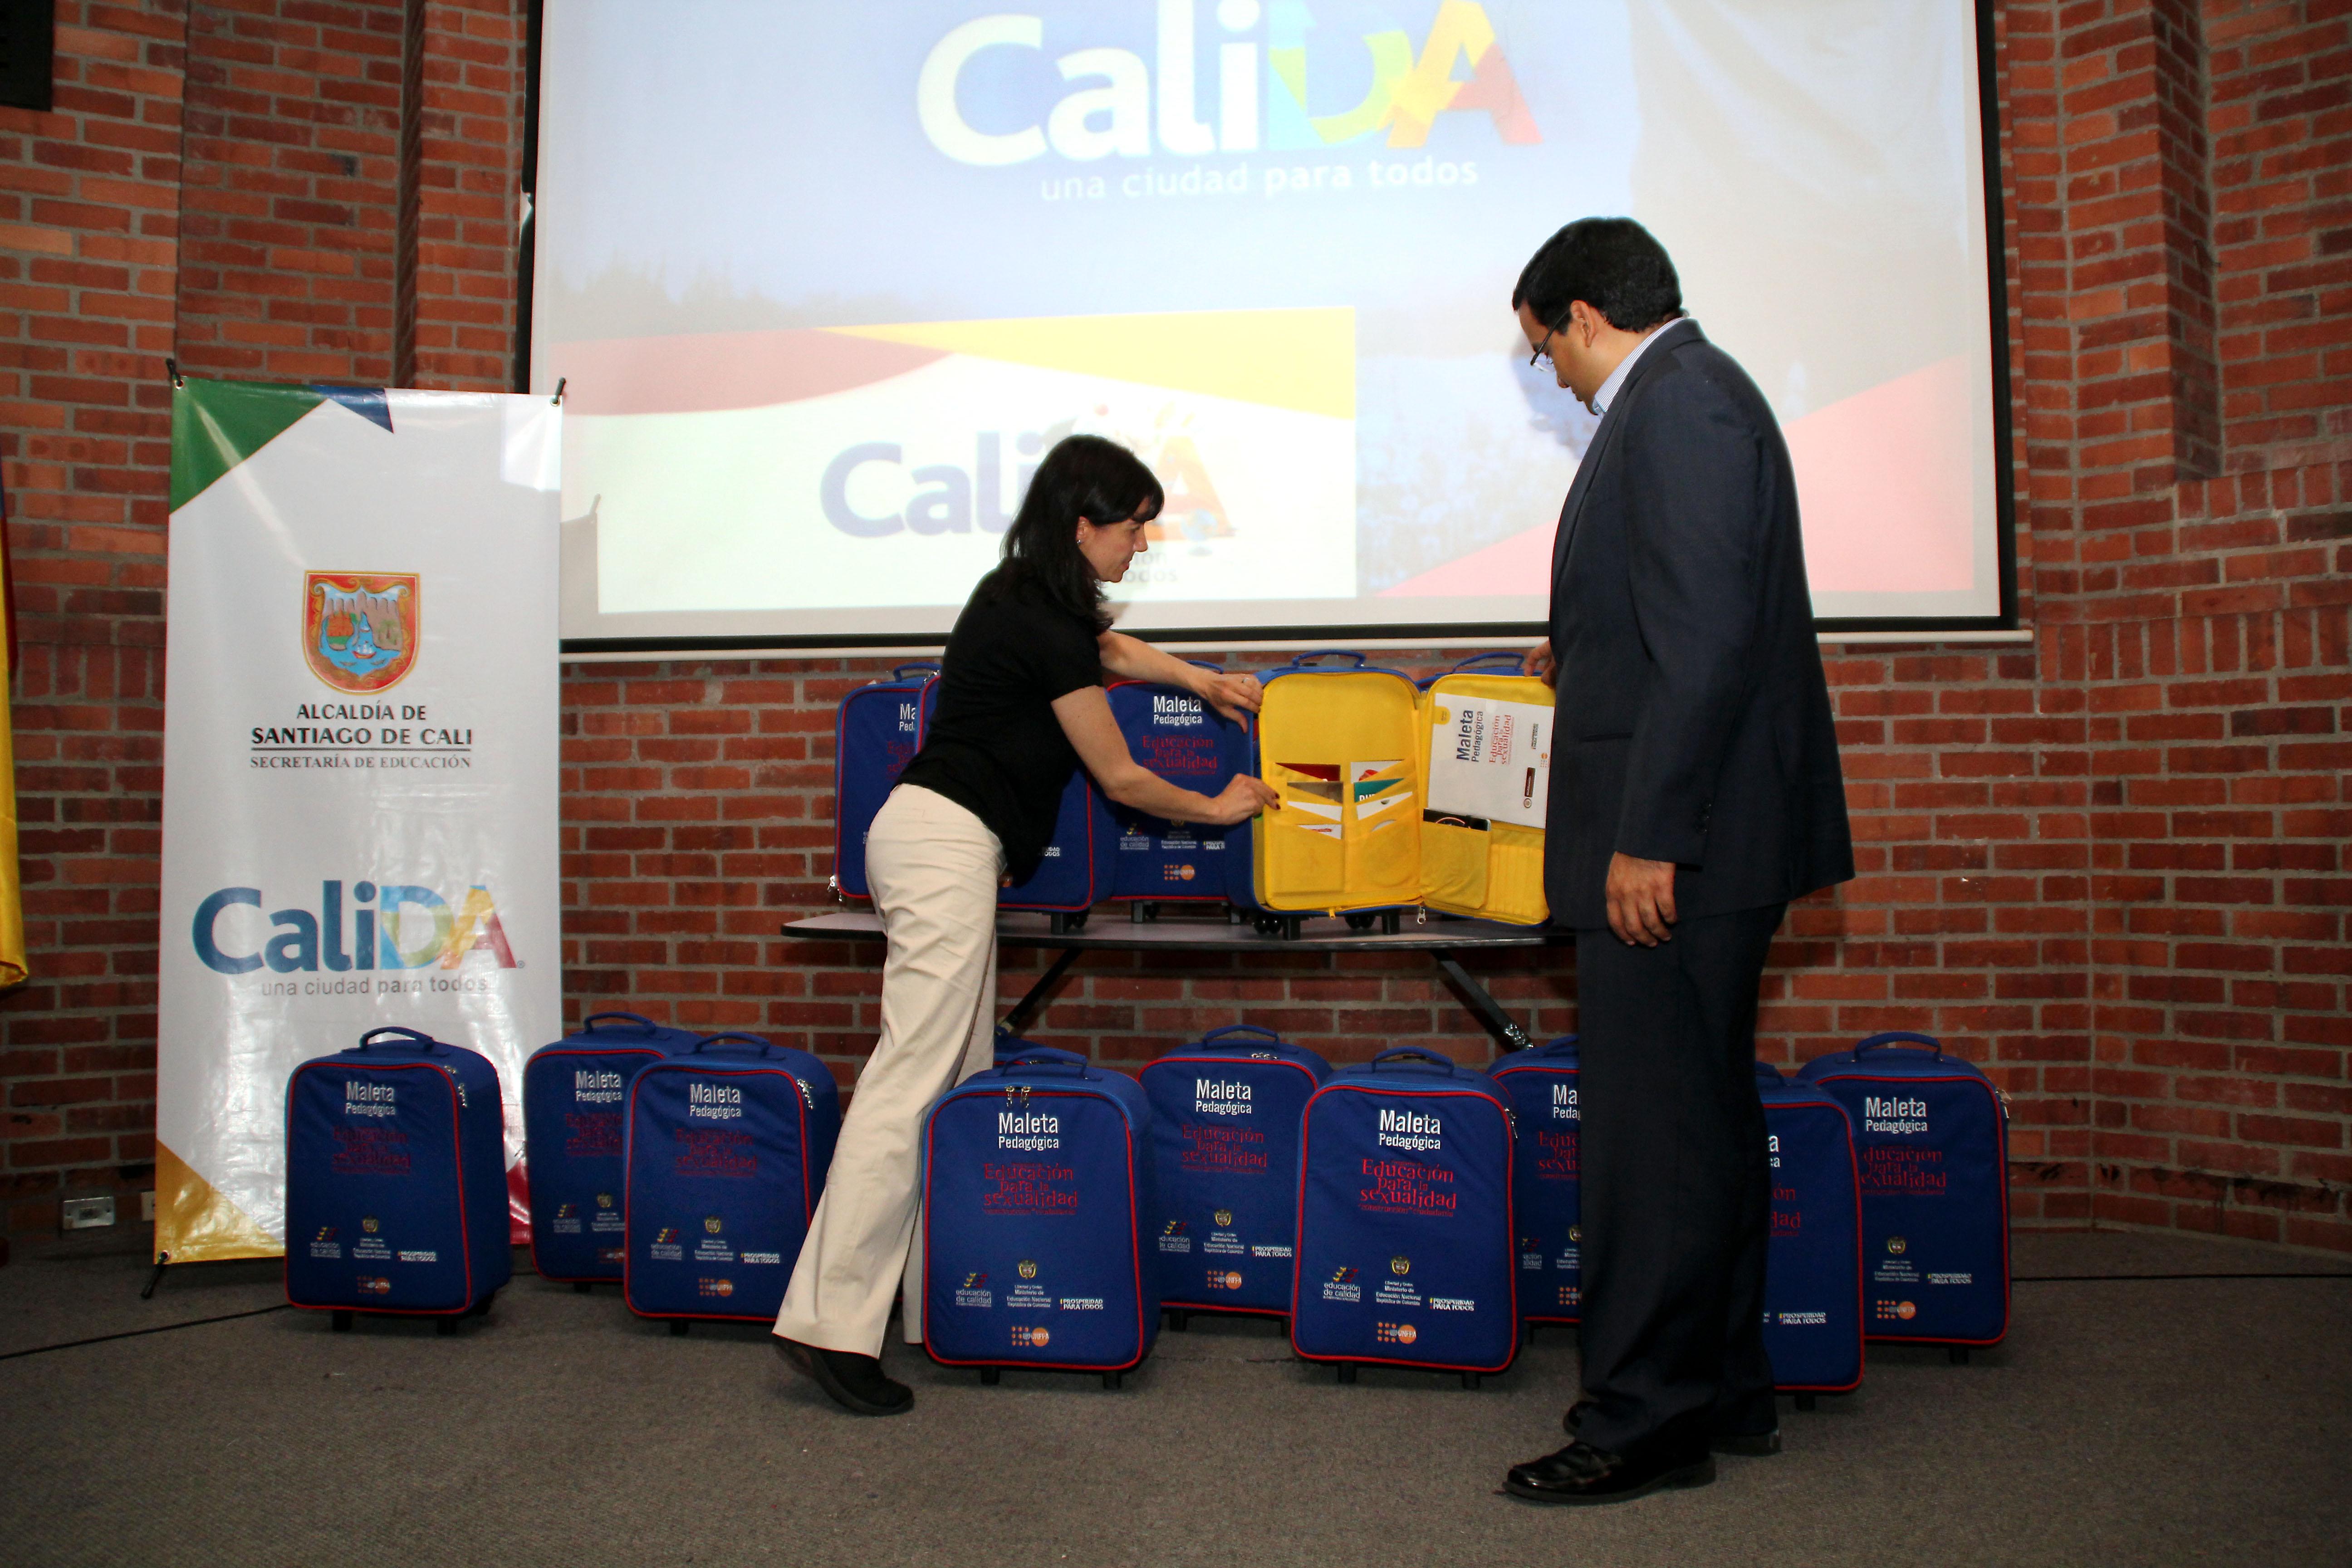 Entregan maletas con material pedagogico en sexualidad y ciudad